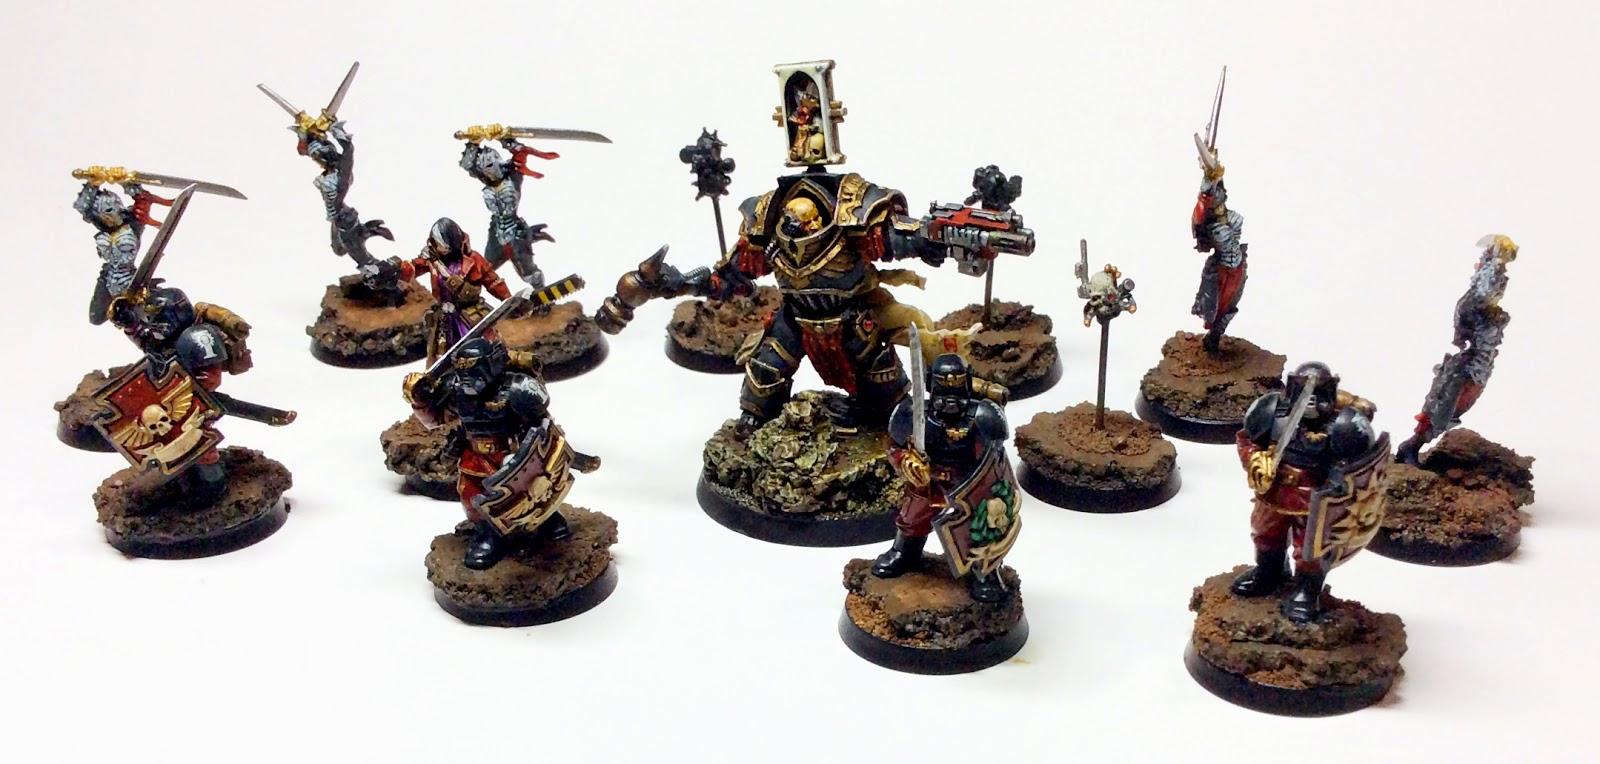 Ordo Malleus Inquisitor and Retinue